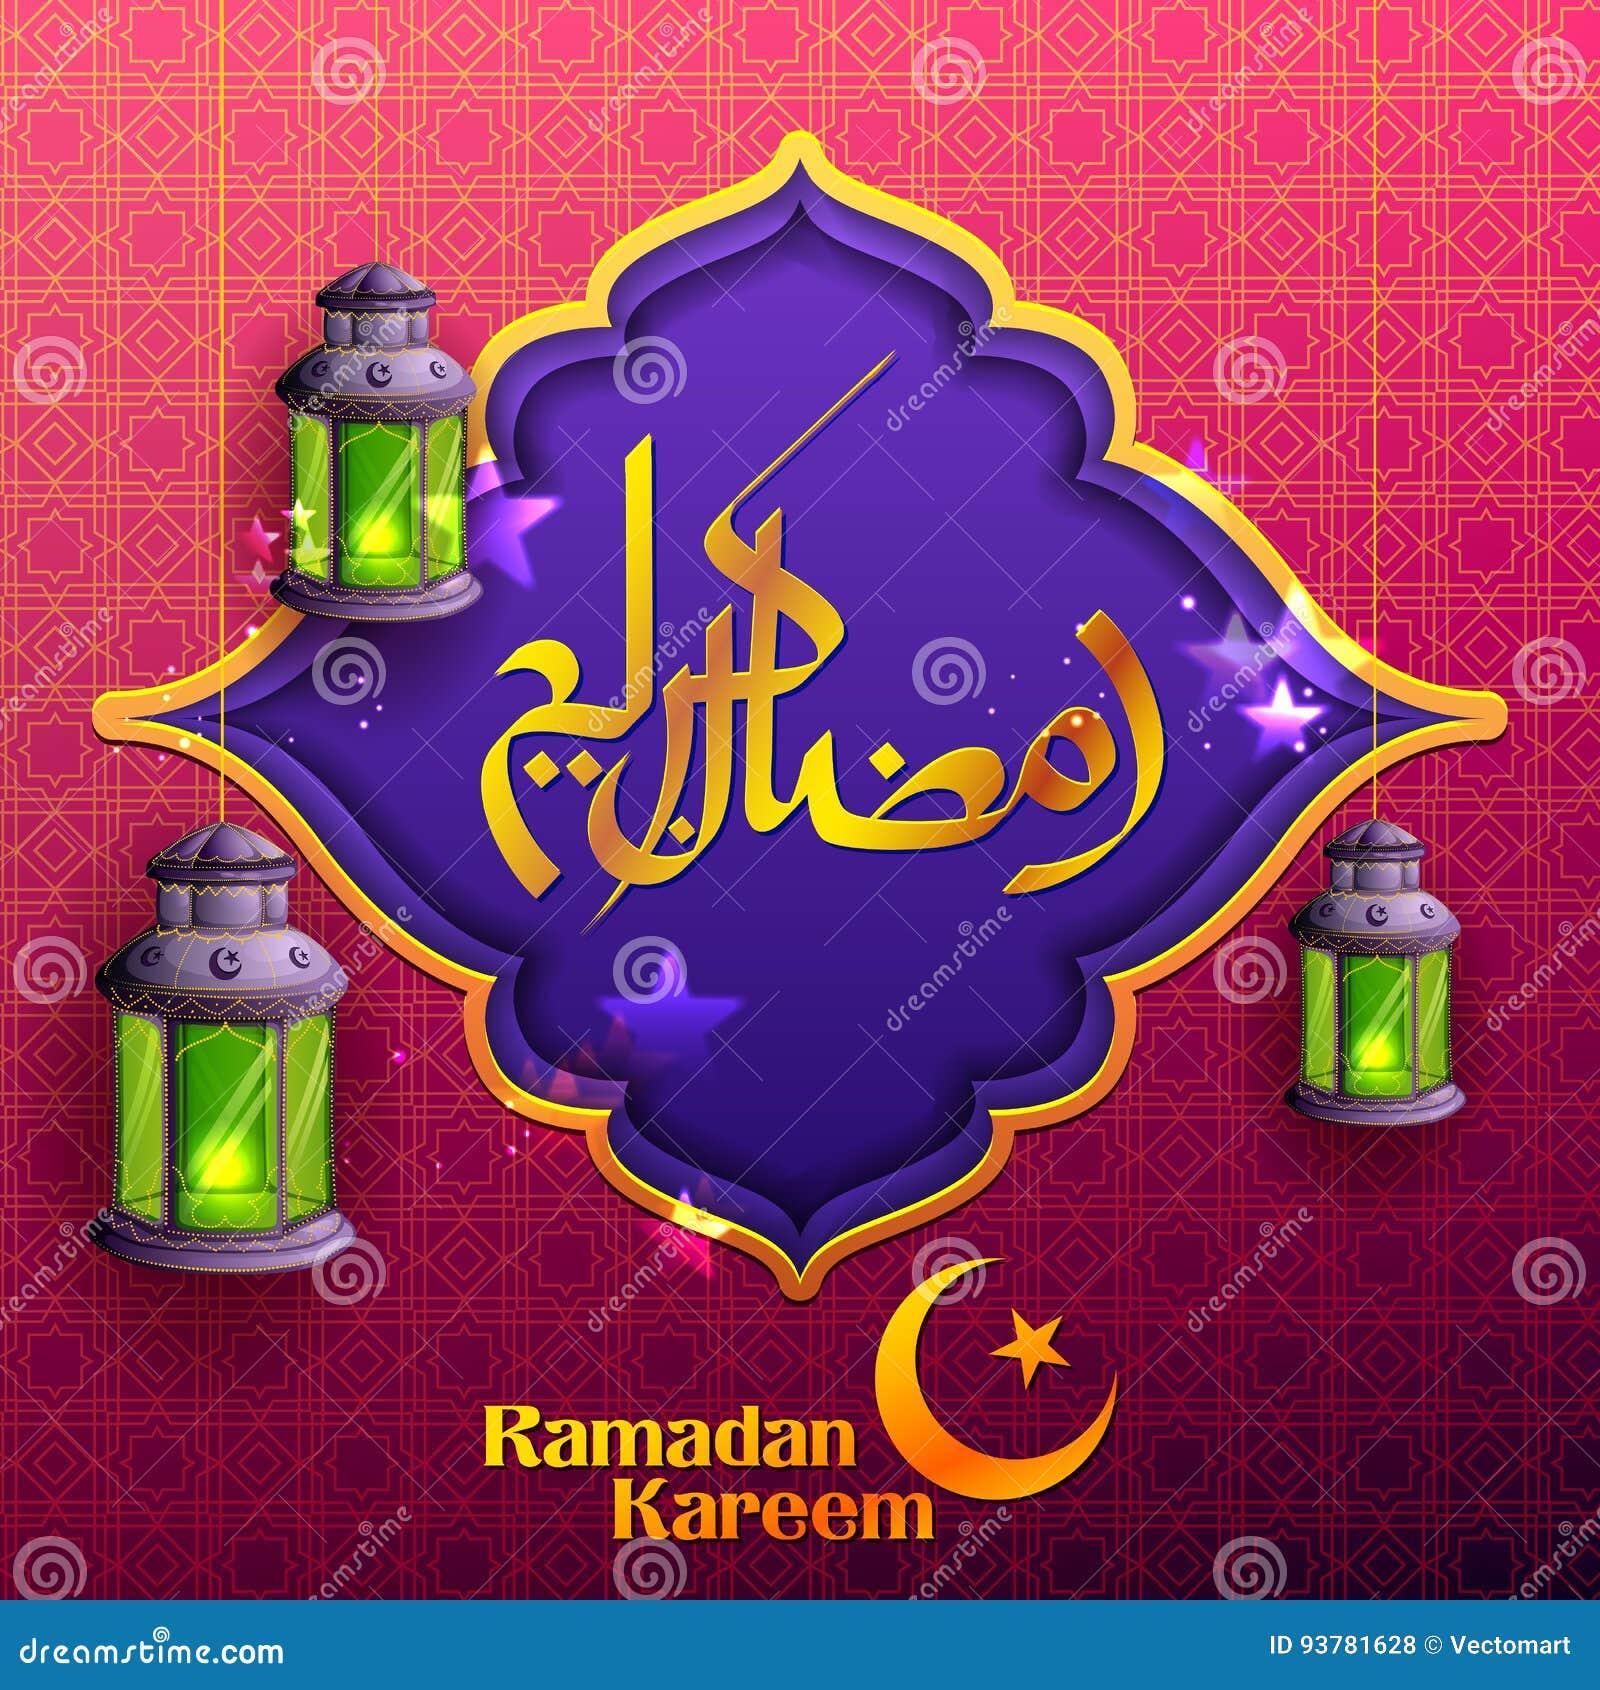 Ramadan kareem generous ramadan greetings for islam religious download ramadan kareem generous ramadan greetings for islam religious festival eid with illuminated lamp stock vector m4hsunfo